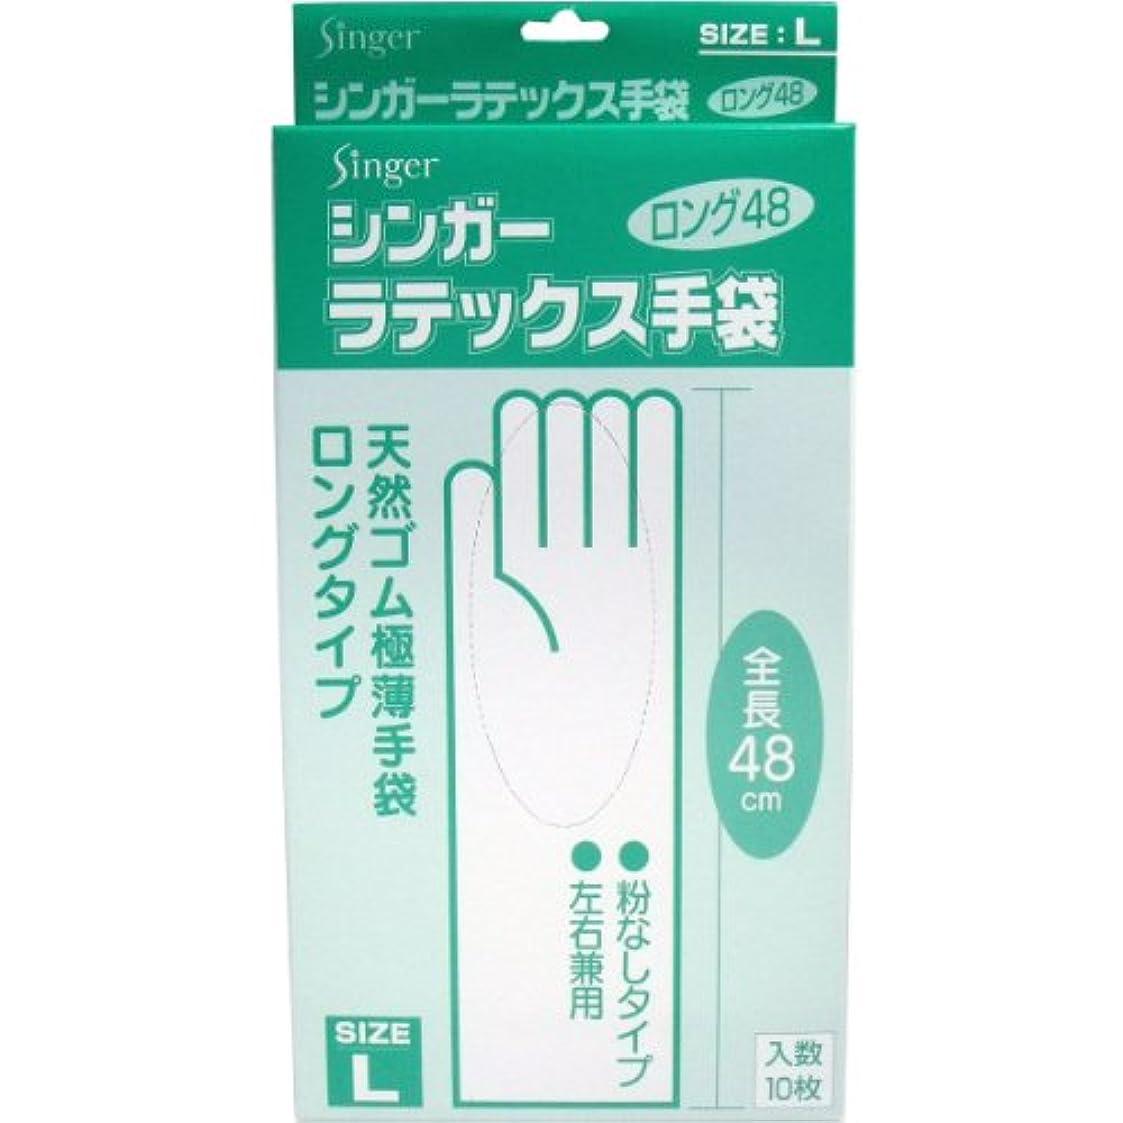 応じる日付民間人宇都宮製作 シンガー ラテックス手袋 ロング48 パウダーフリー L 1セット(30枚:10枚×3箱)